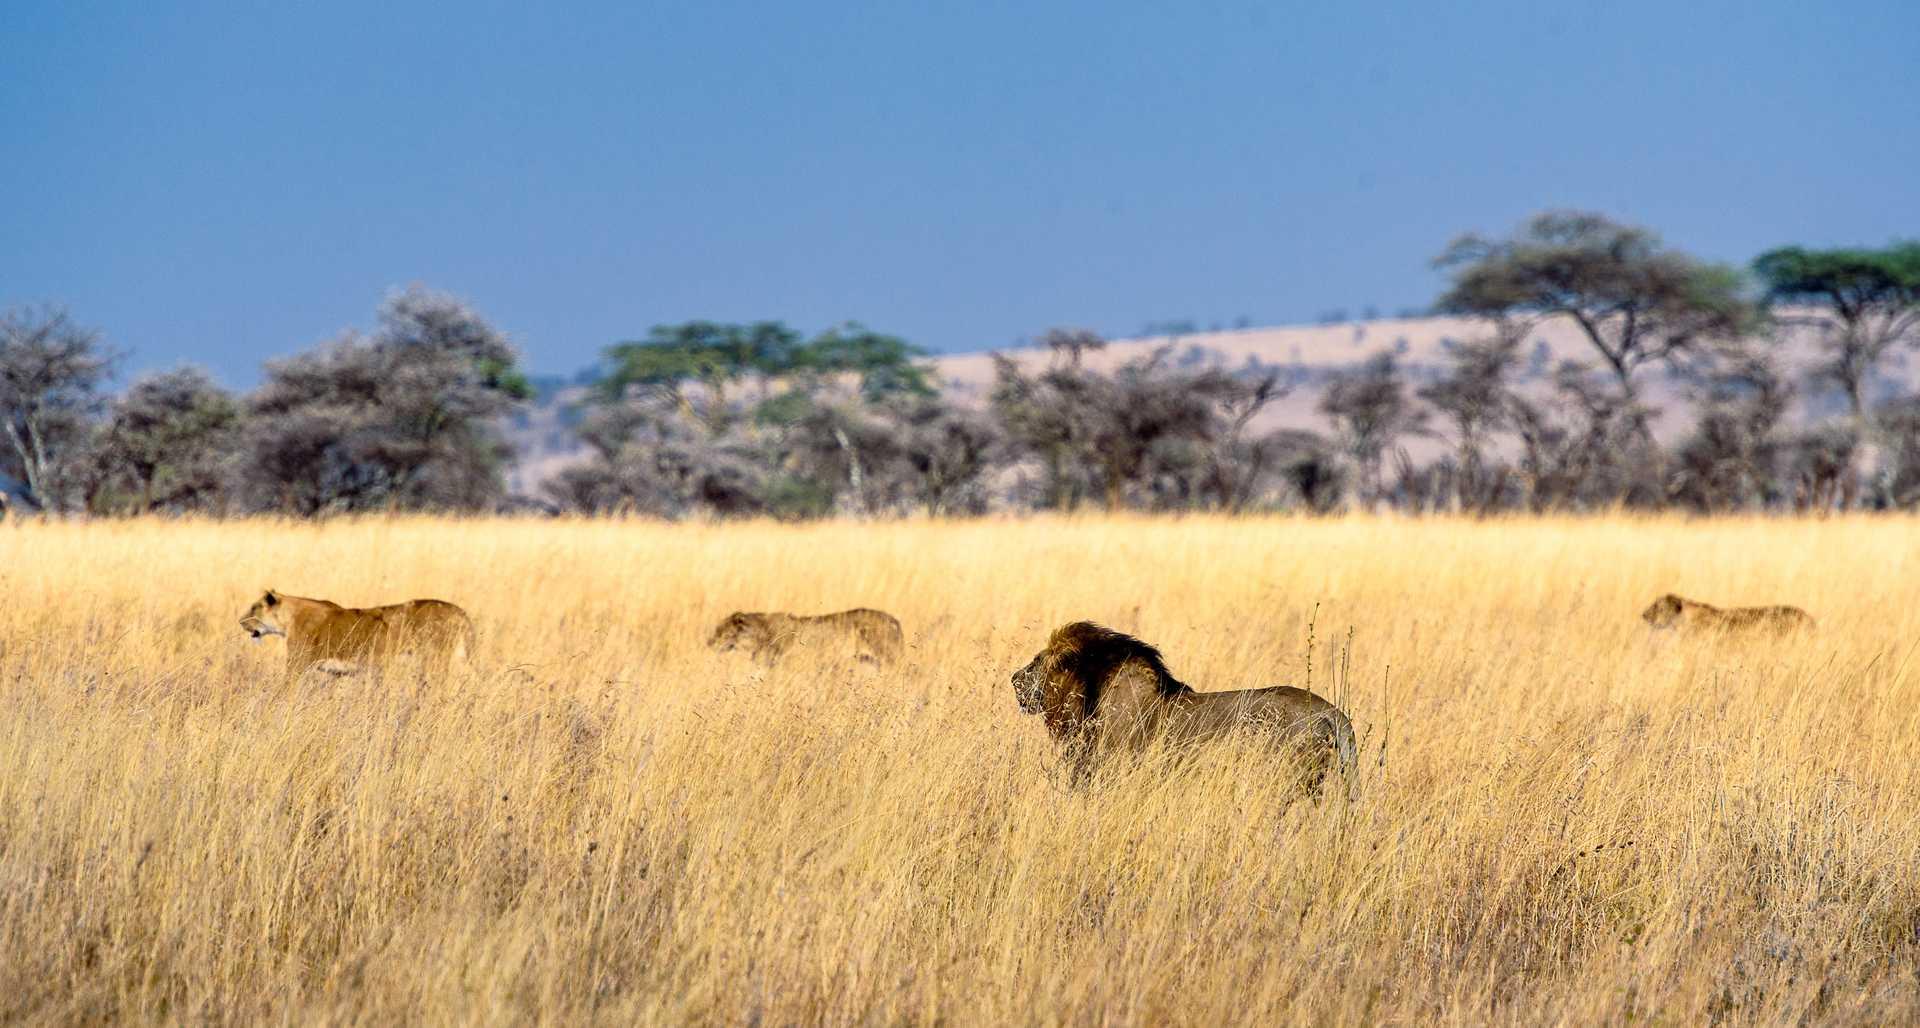 Herd of lions in the savannah